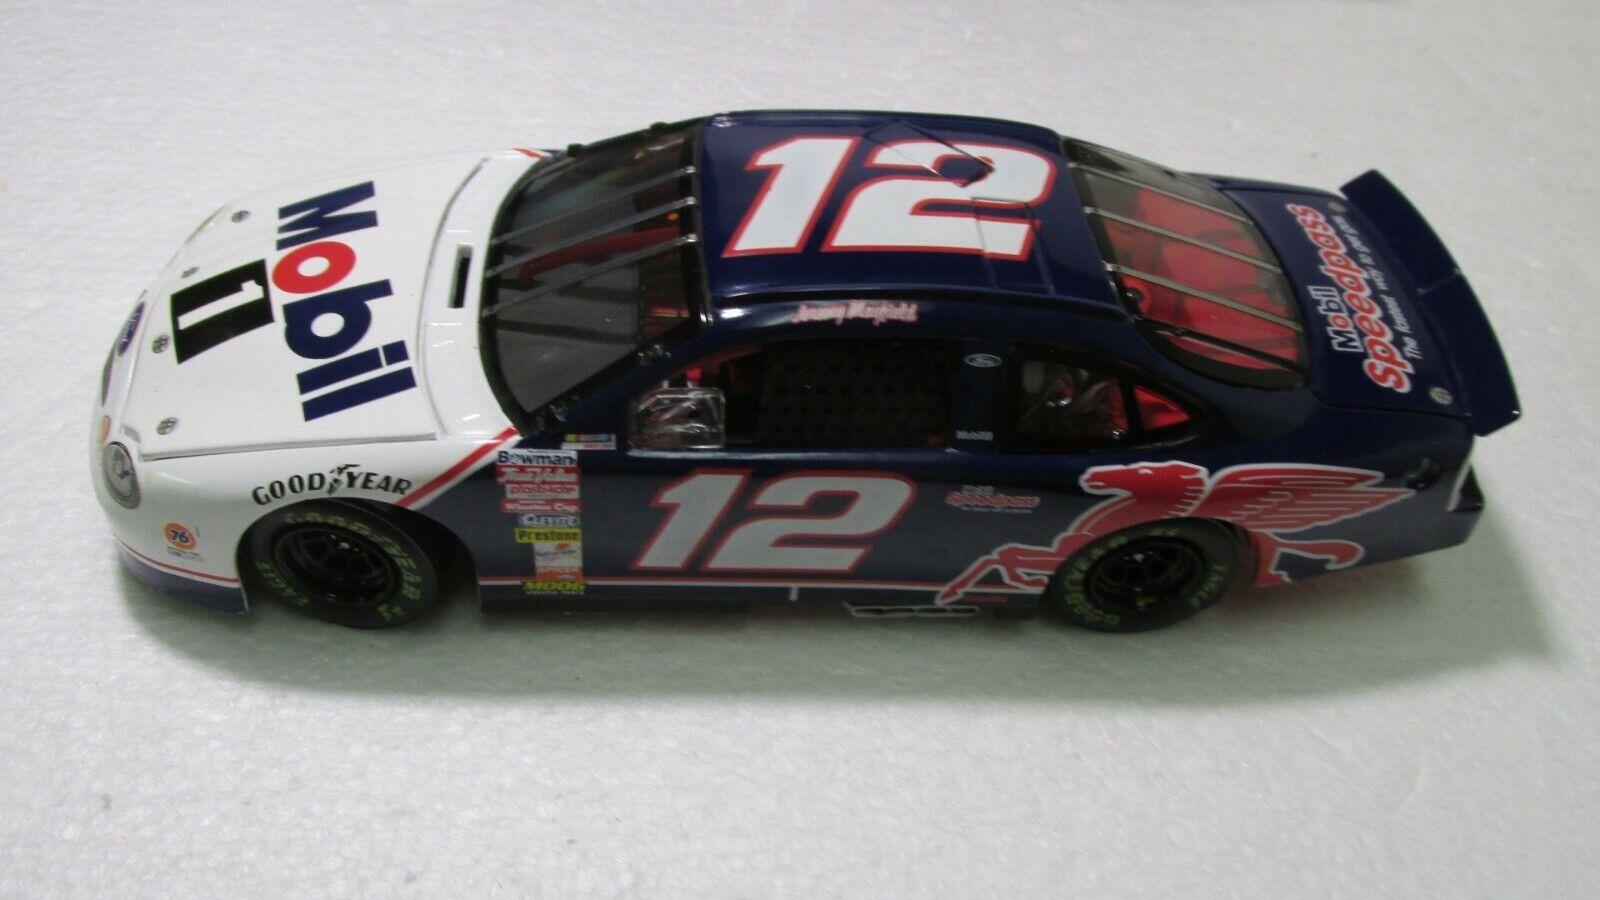 Action  Racing Elite Jeremy Mayfield  12 Mobil 1 1999 Ford 1 24 Échelle Miniature  limite acheter